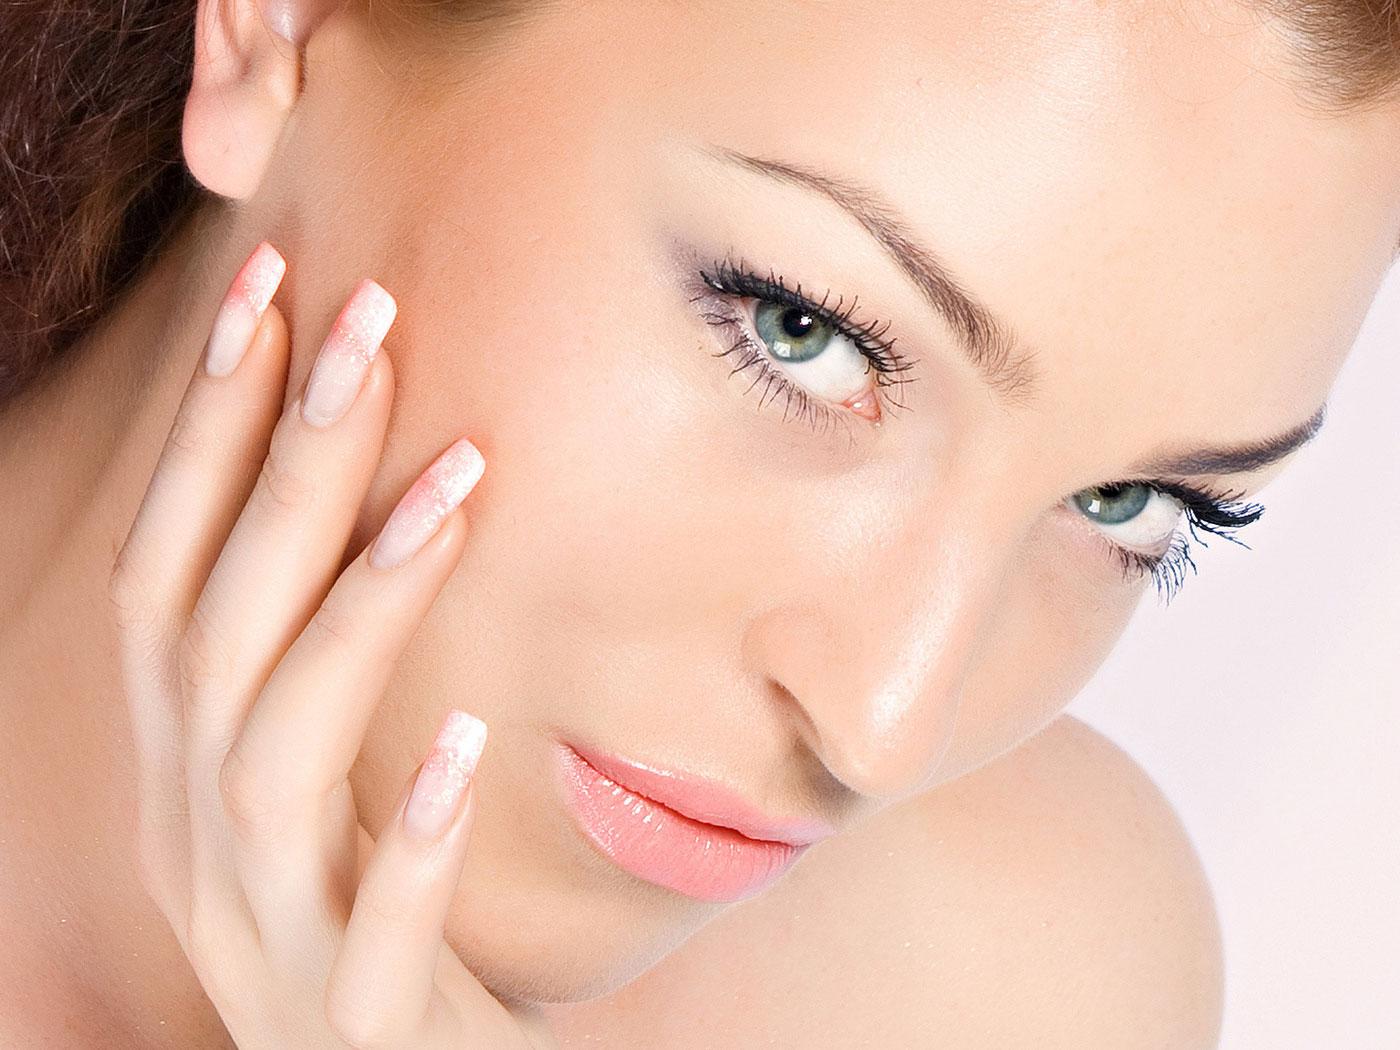 Методы устранения сосудистых звездочек (купероза) на лице